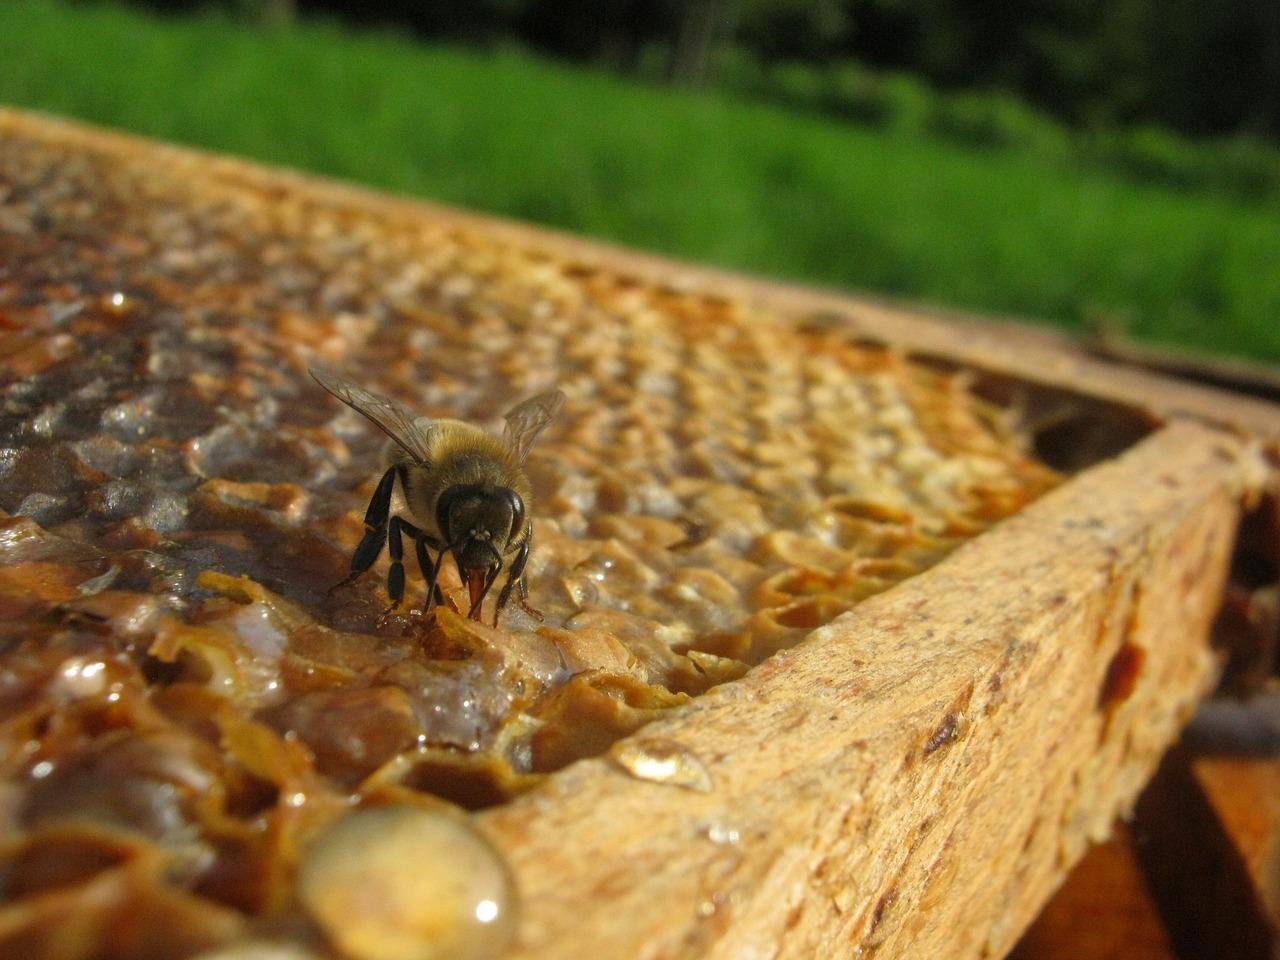 Honigbiene bei der Abgabe von Honig in die Wabe.